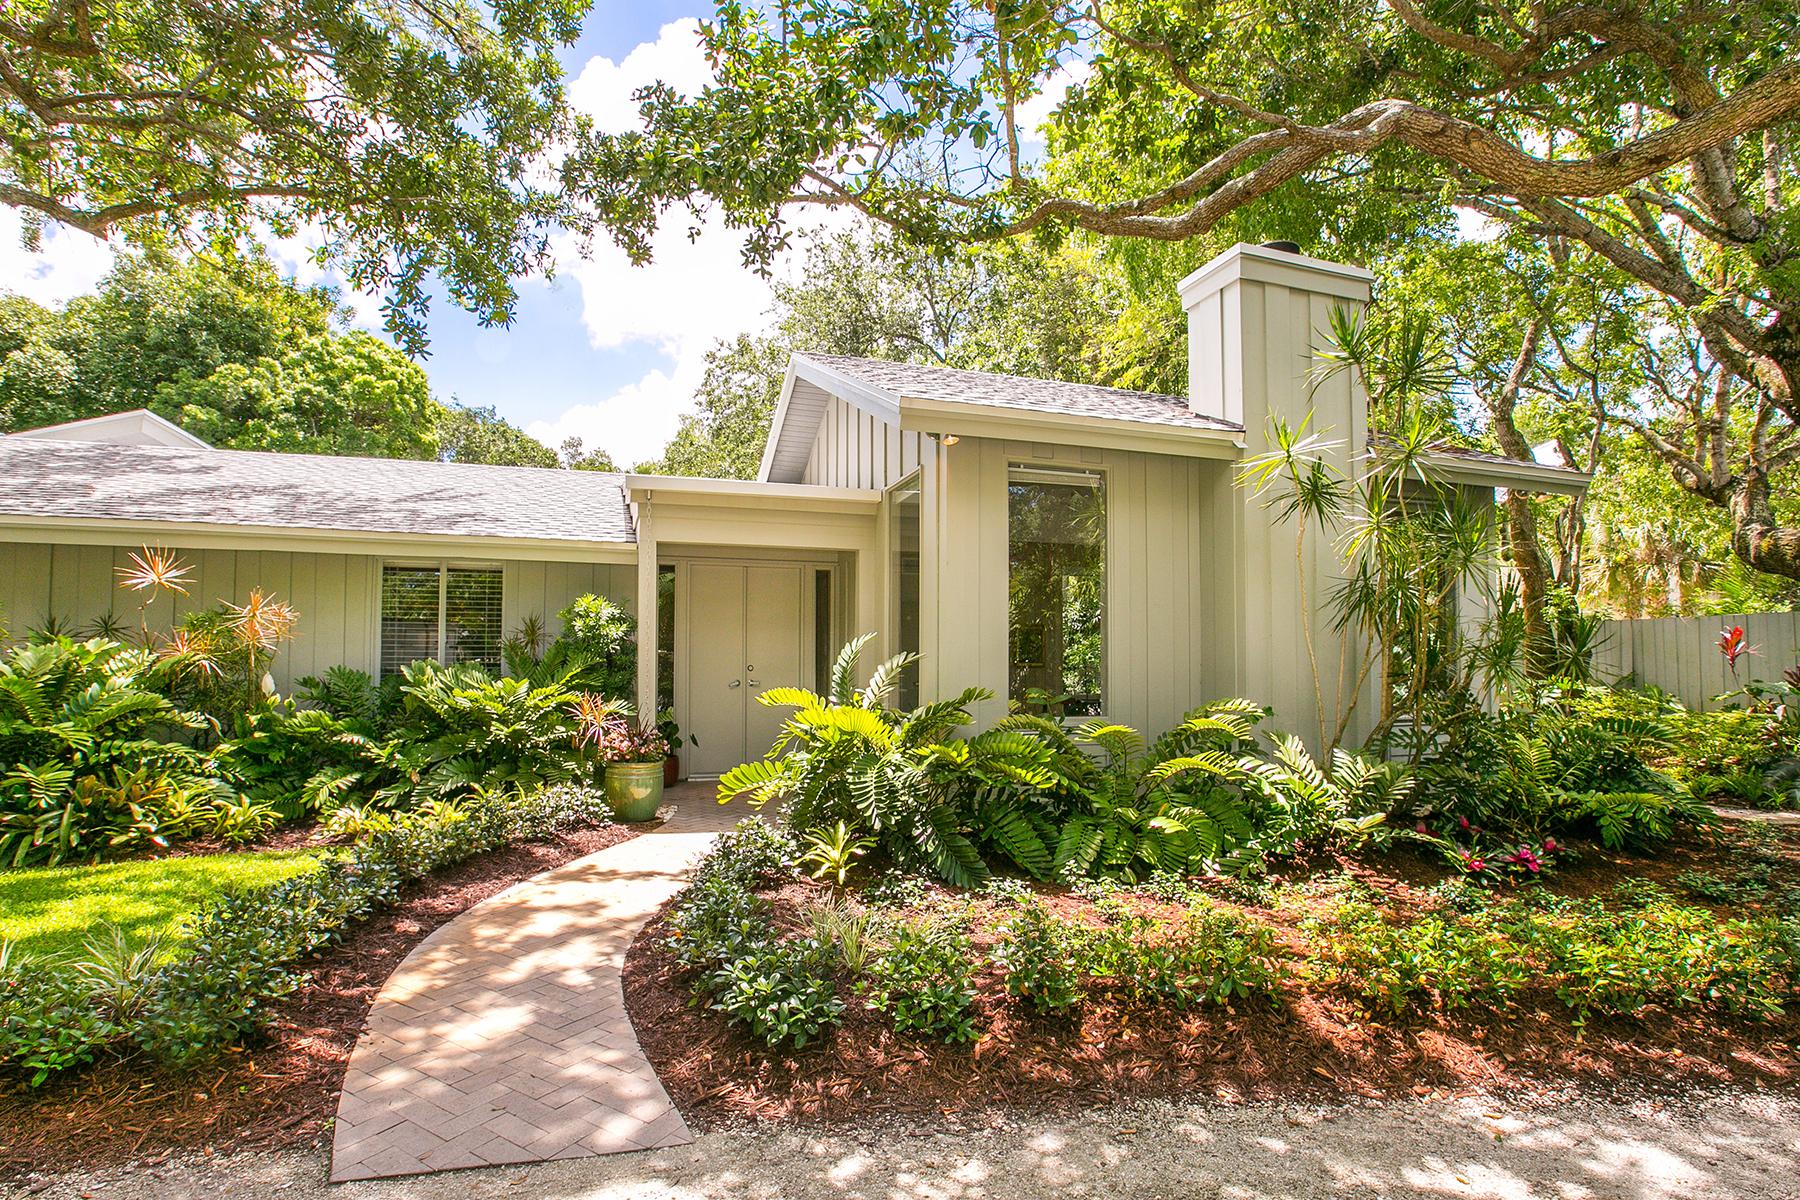 단독 가정 주택 용 매매 에 SHORELAND WOODS 3347 Old Oak Dr Sarasota, 플로리다 34239 미국